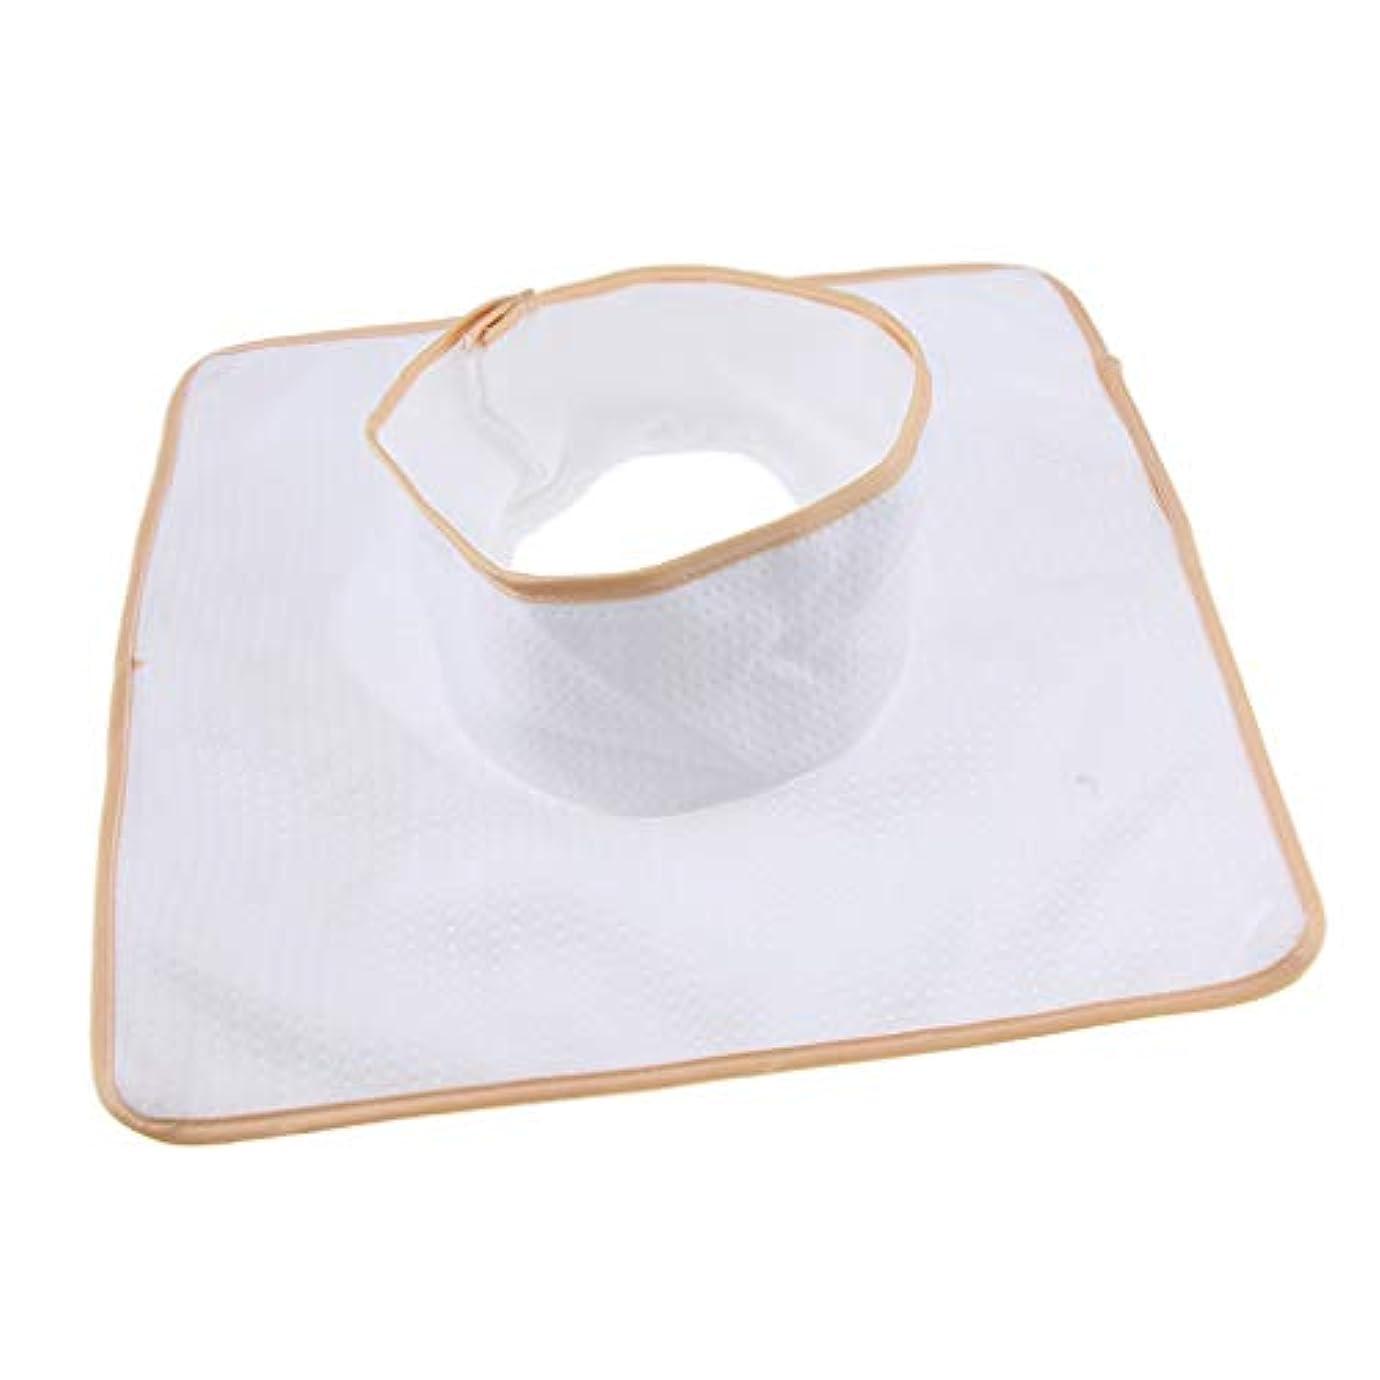 大きさうん野なマッサージ ベッド テーブル ヘッドパッド 頭の穴付 再使用可能 約35×35cm 全3色 - 白